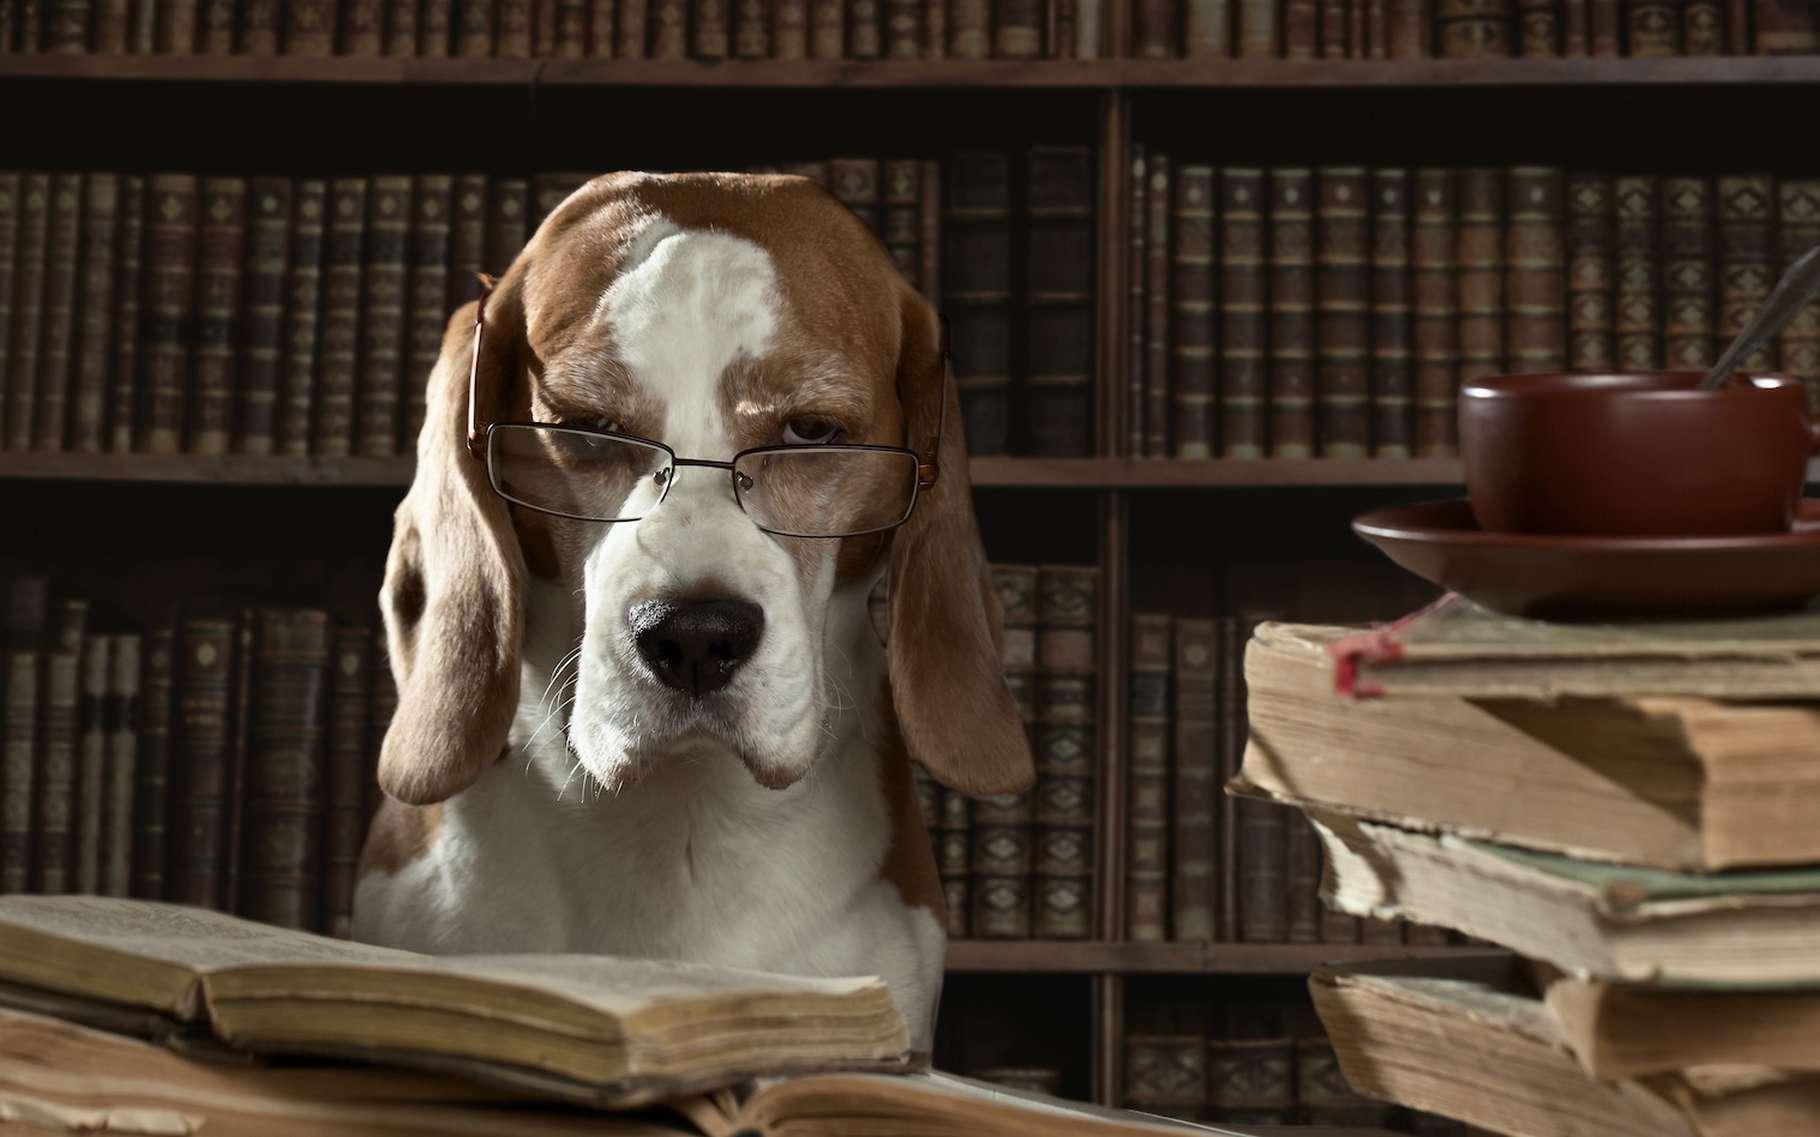 Le chien ne s'attarderait pas à différencier tous les sons d'un mot. De quoi limiter sa capacité à enrichir son vocabulaire. Heureusement, notre meilleur ami sait aussi nous comprendre sans même que nous ayons à ouvrir la bouche… pas si bête. © Igor Normann, Adobe Stock